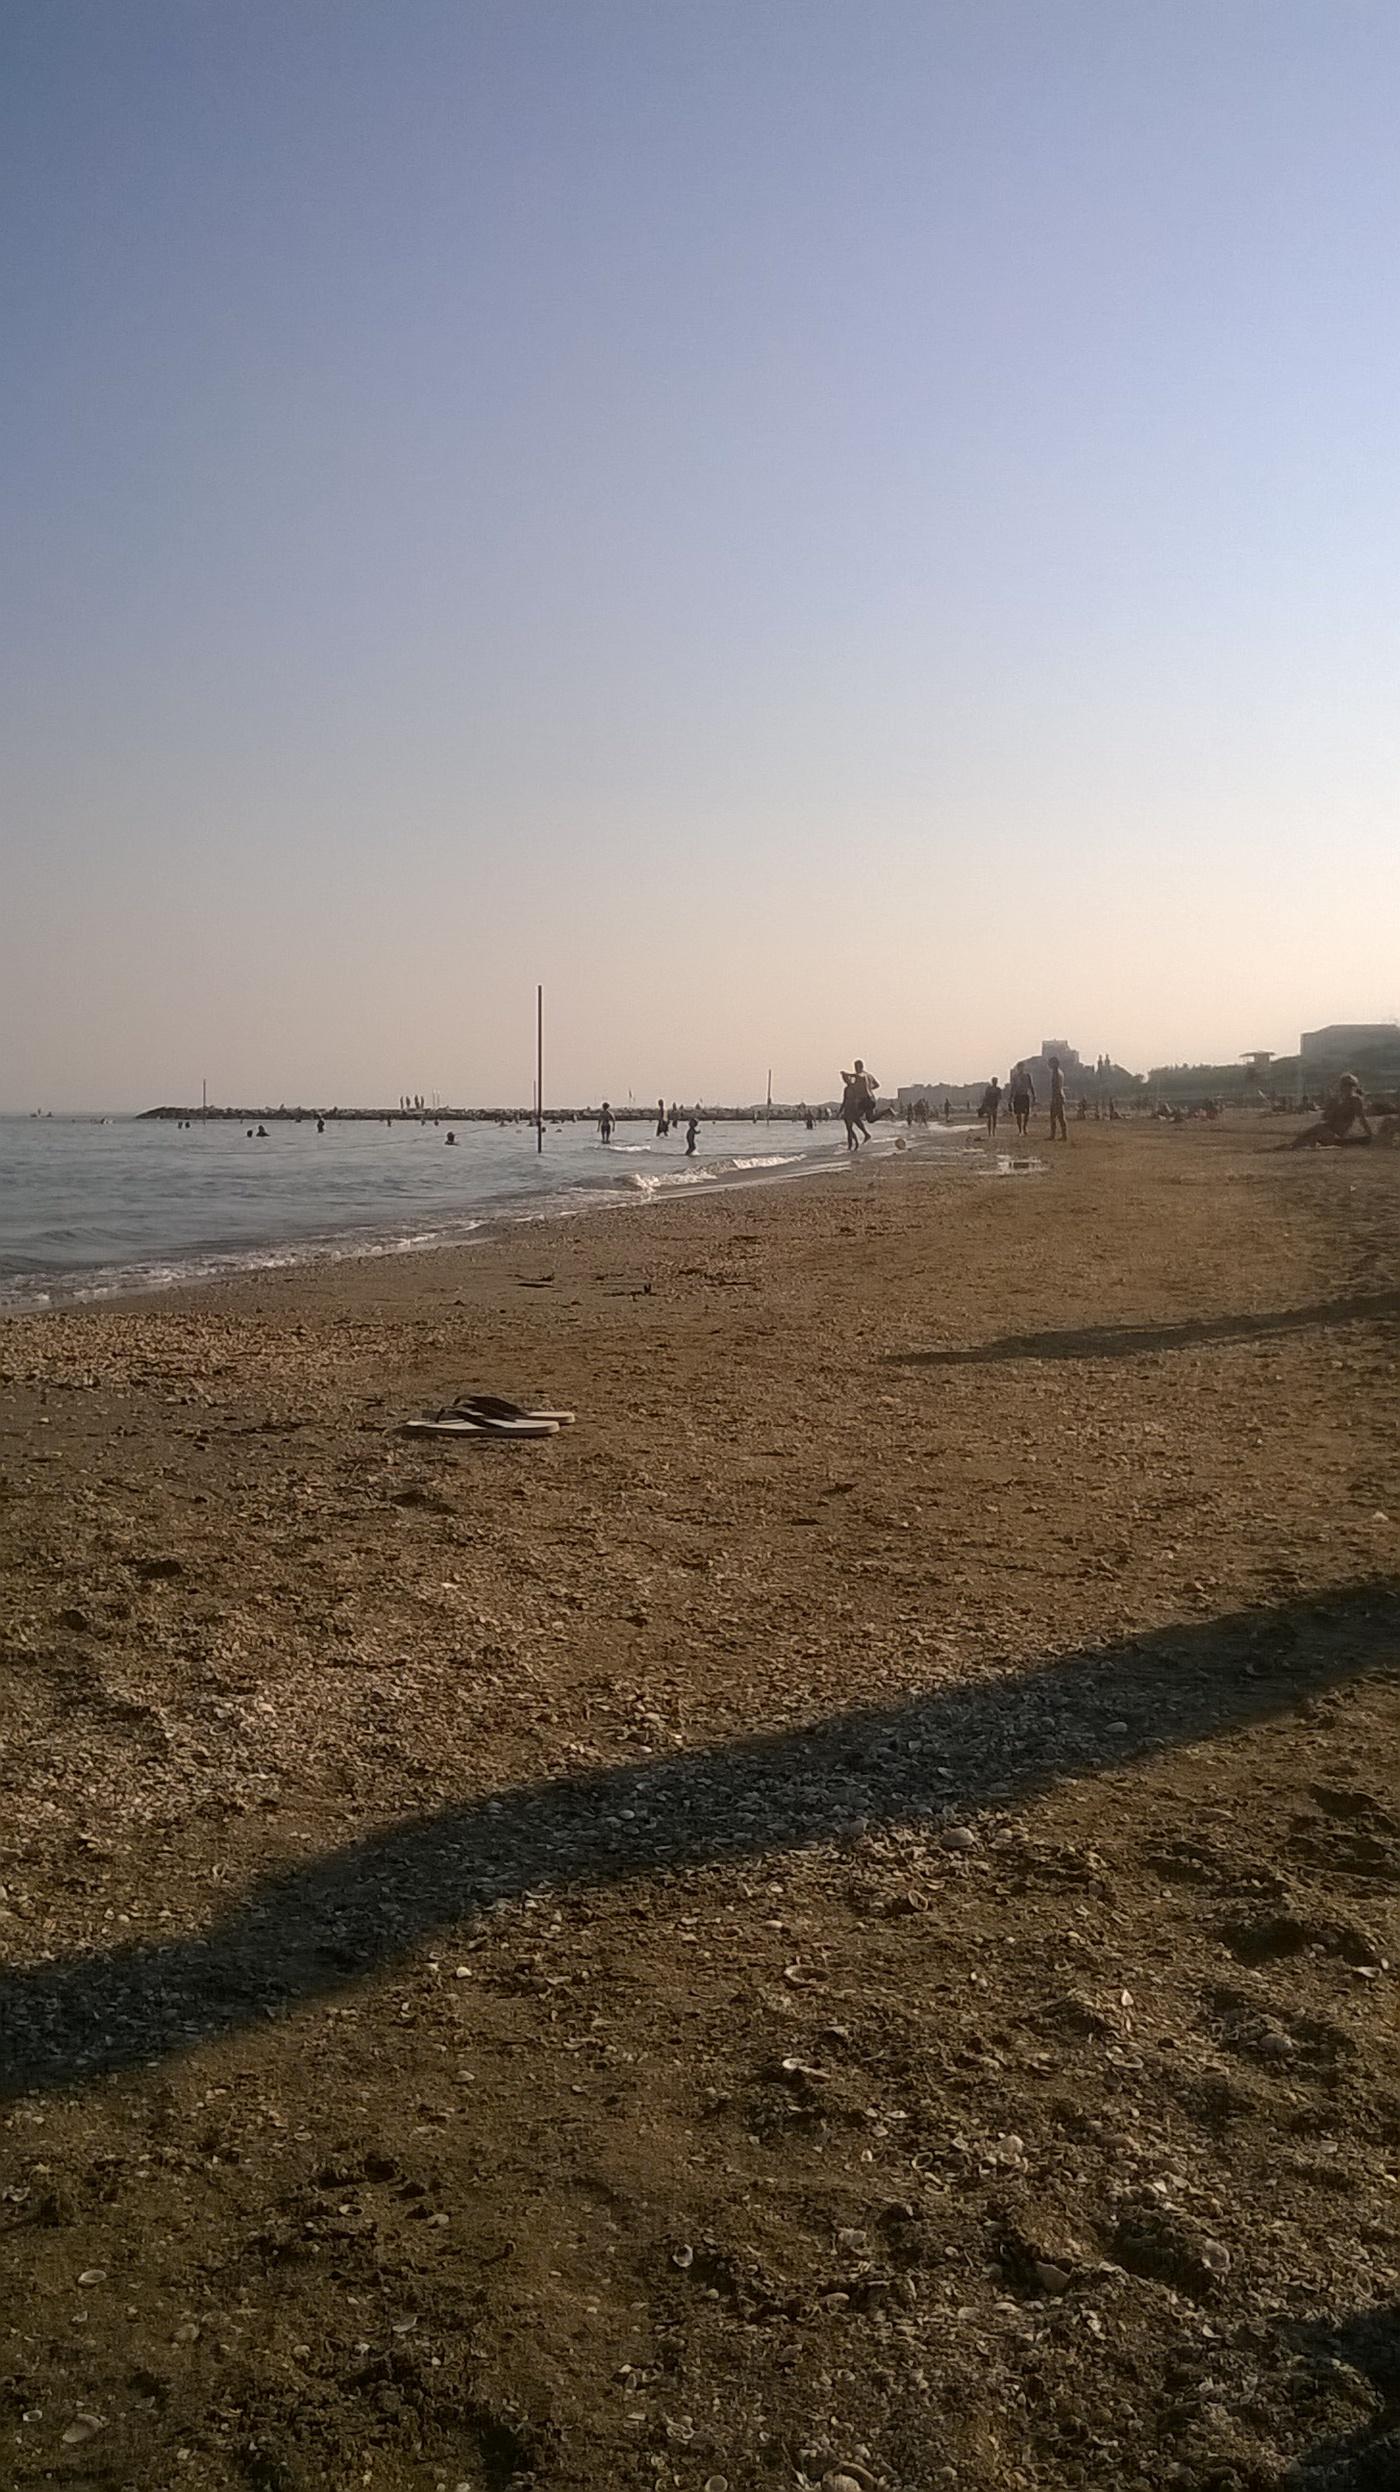 Lido di Venezia, Sandstrand in Venetien